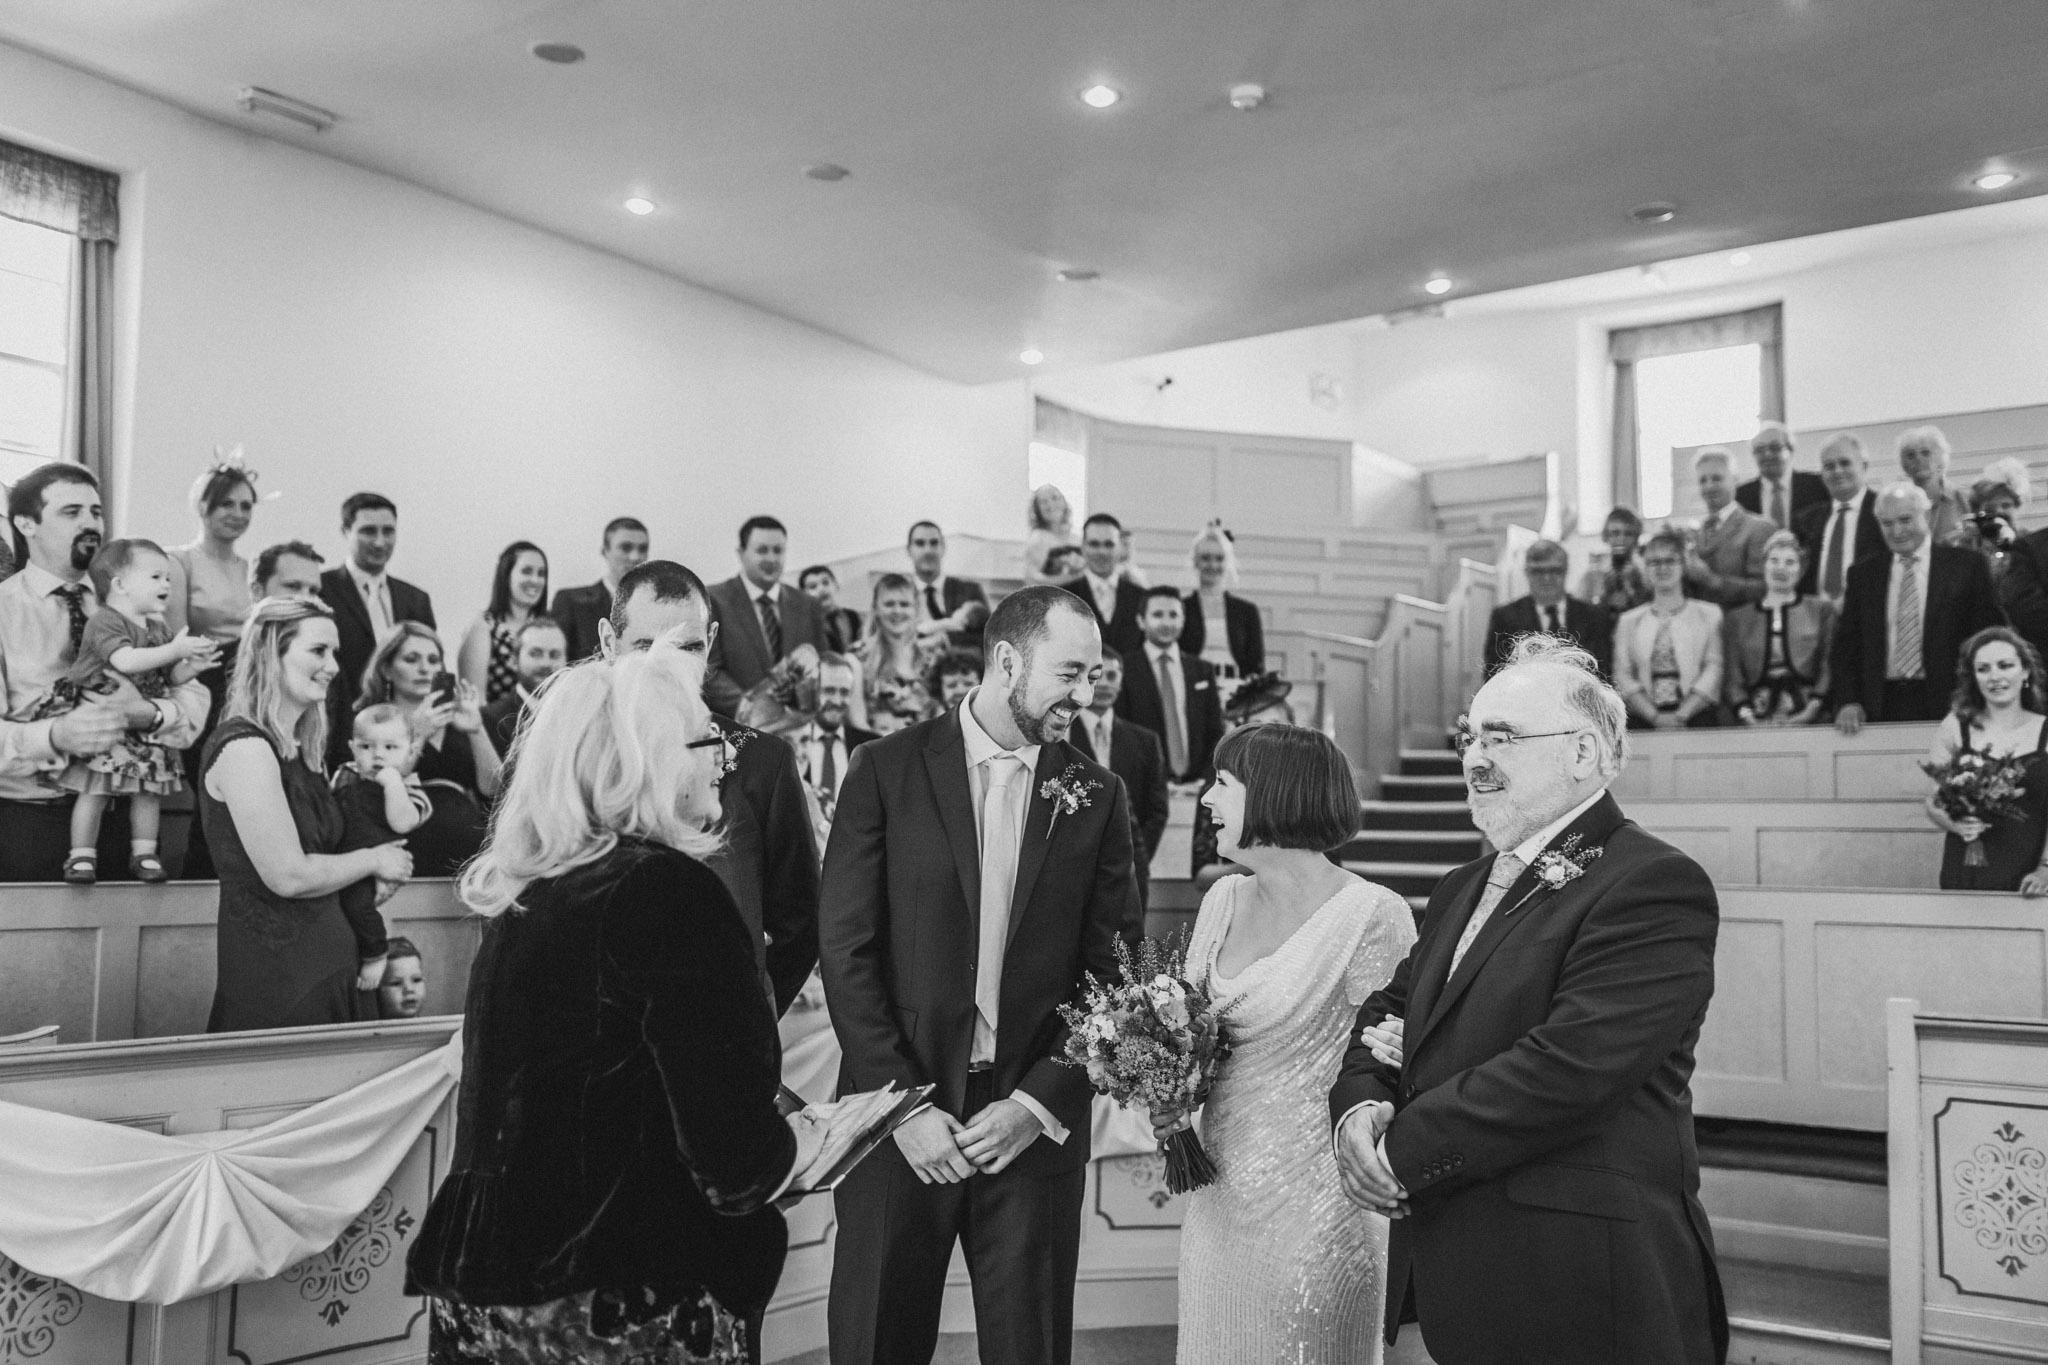 wedding_robin_hoods_bay_whitby_026.jpg